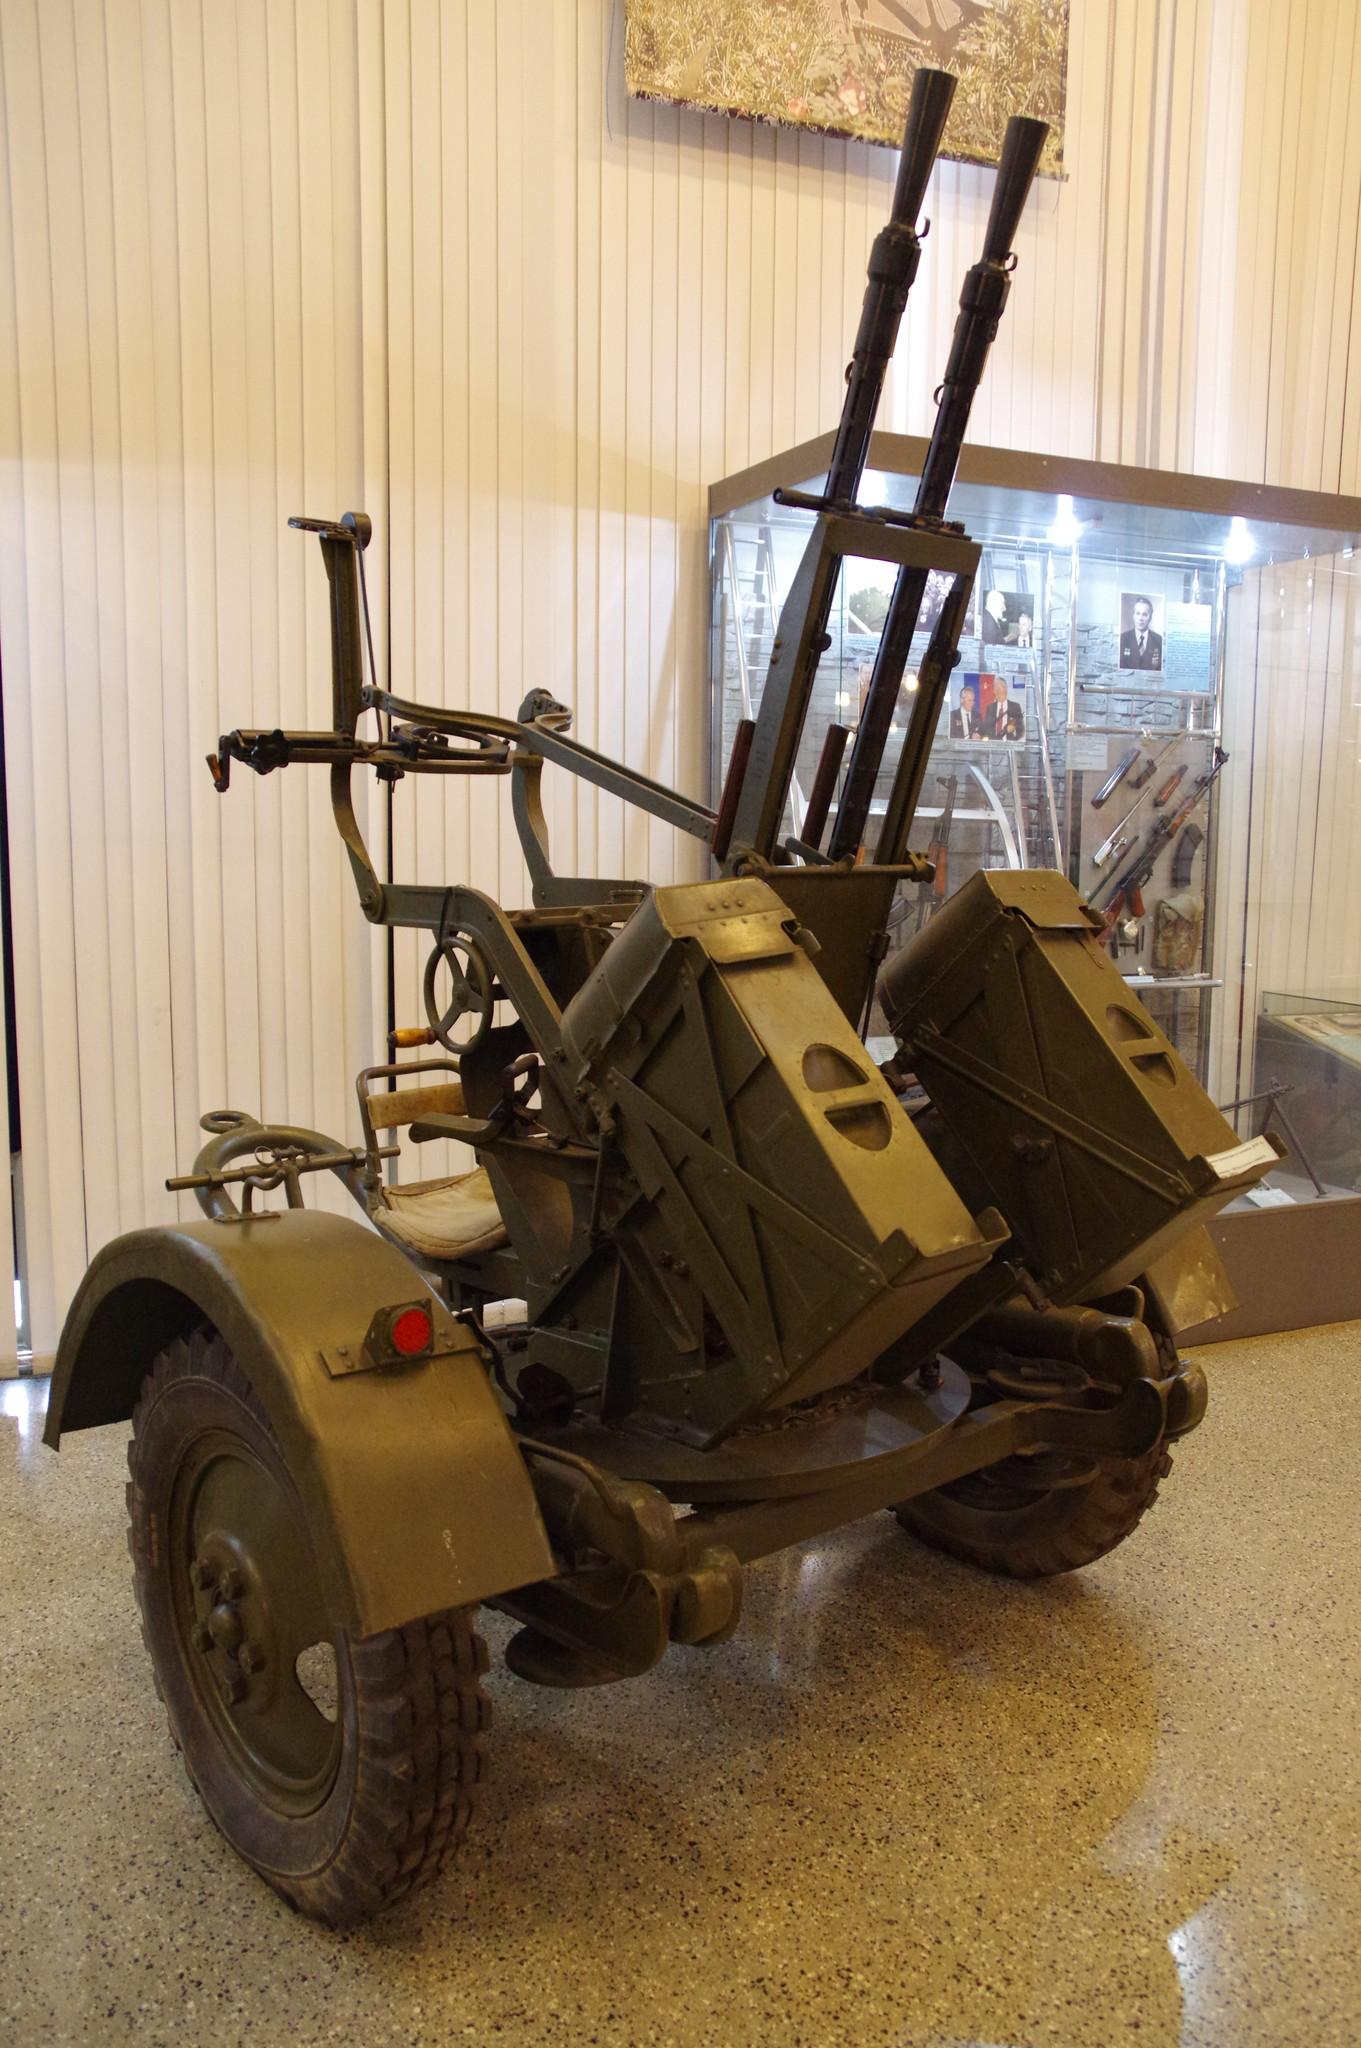 Спаренная зенитно-пулемётная установка ЗПУ-2 в экспозиции Центрального музея Вооружённых сил Российской Федерации